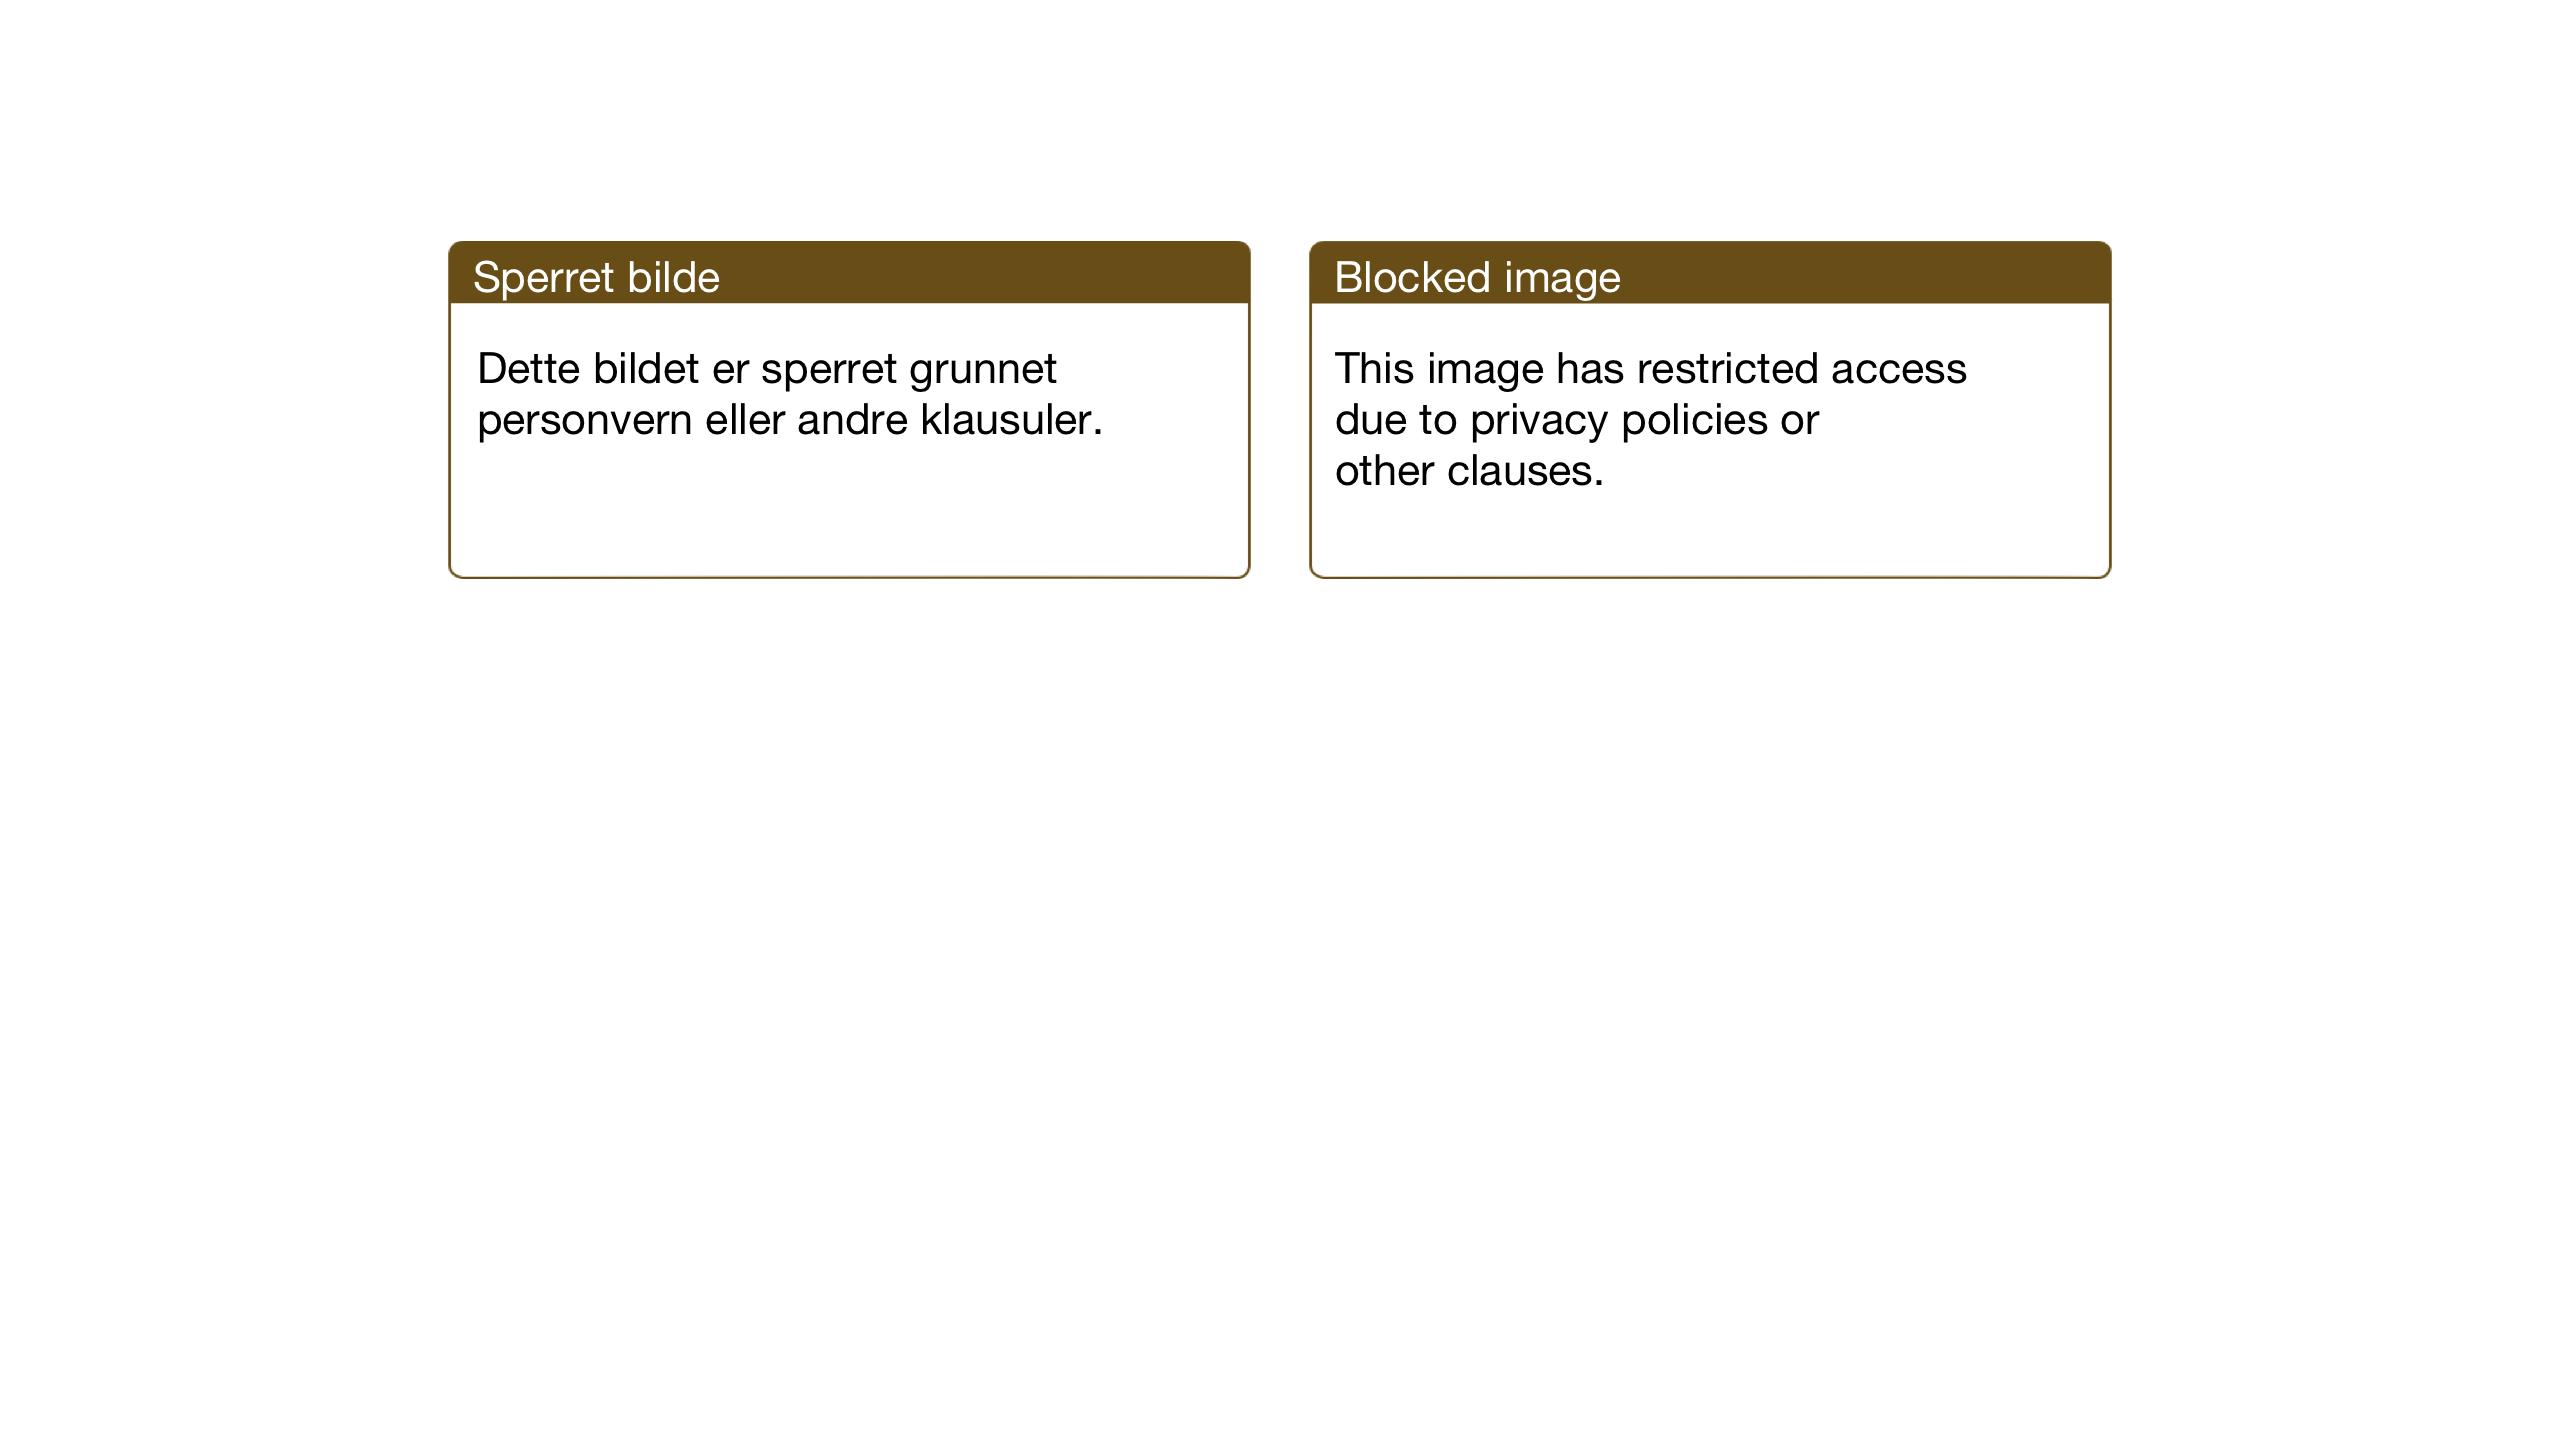 SAT, Ministerialprotokoller, klokkerbøker og fødselsregistre - Nord-Trøndelag, 713/L0125: Klokkerbok nr. 713C02, 1931-1941, s. 49